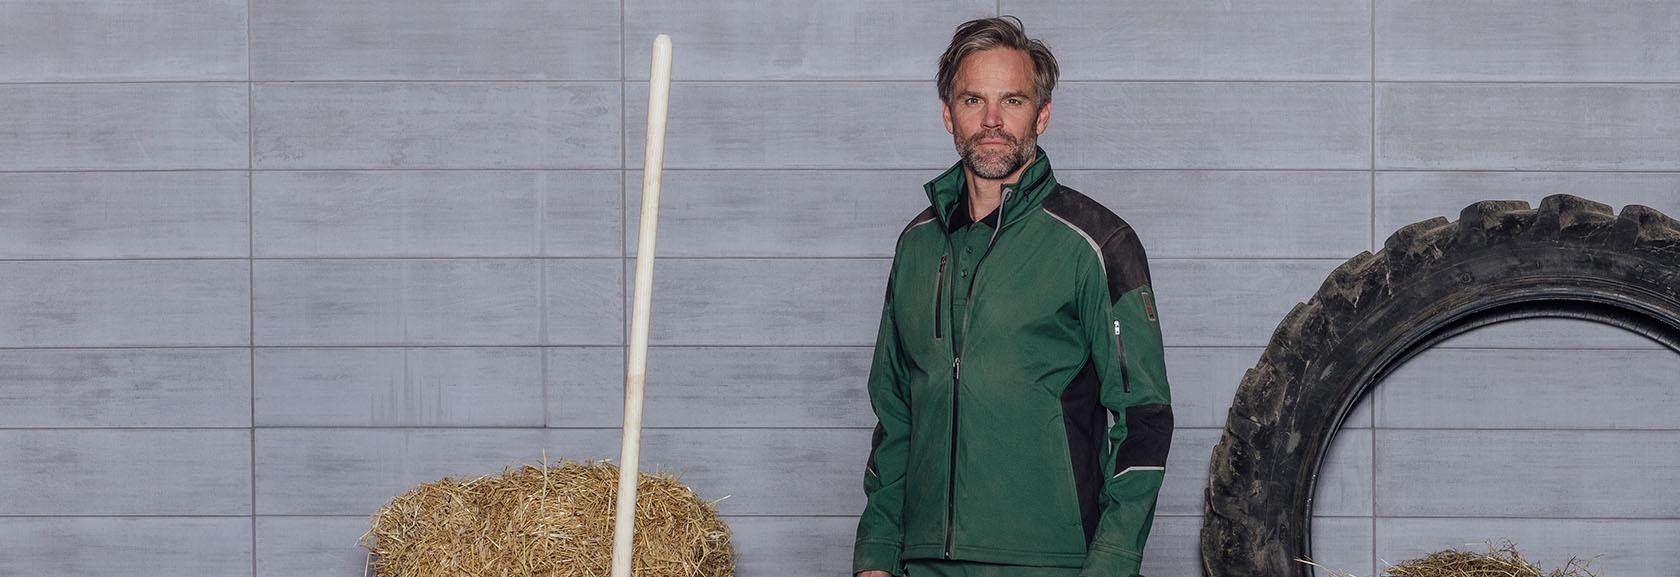 Grün für Gärtner, Landwirte & Agrar